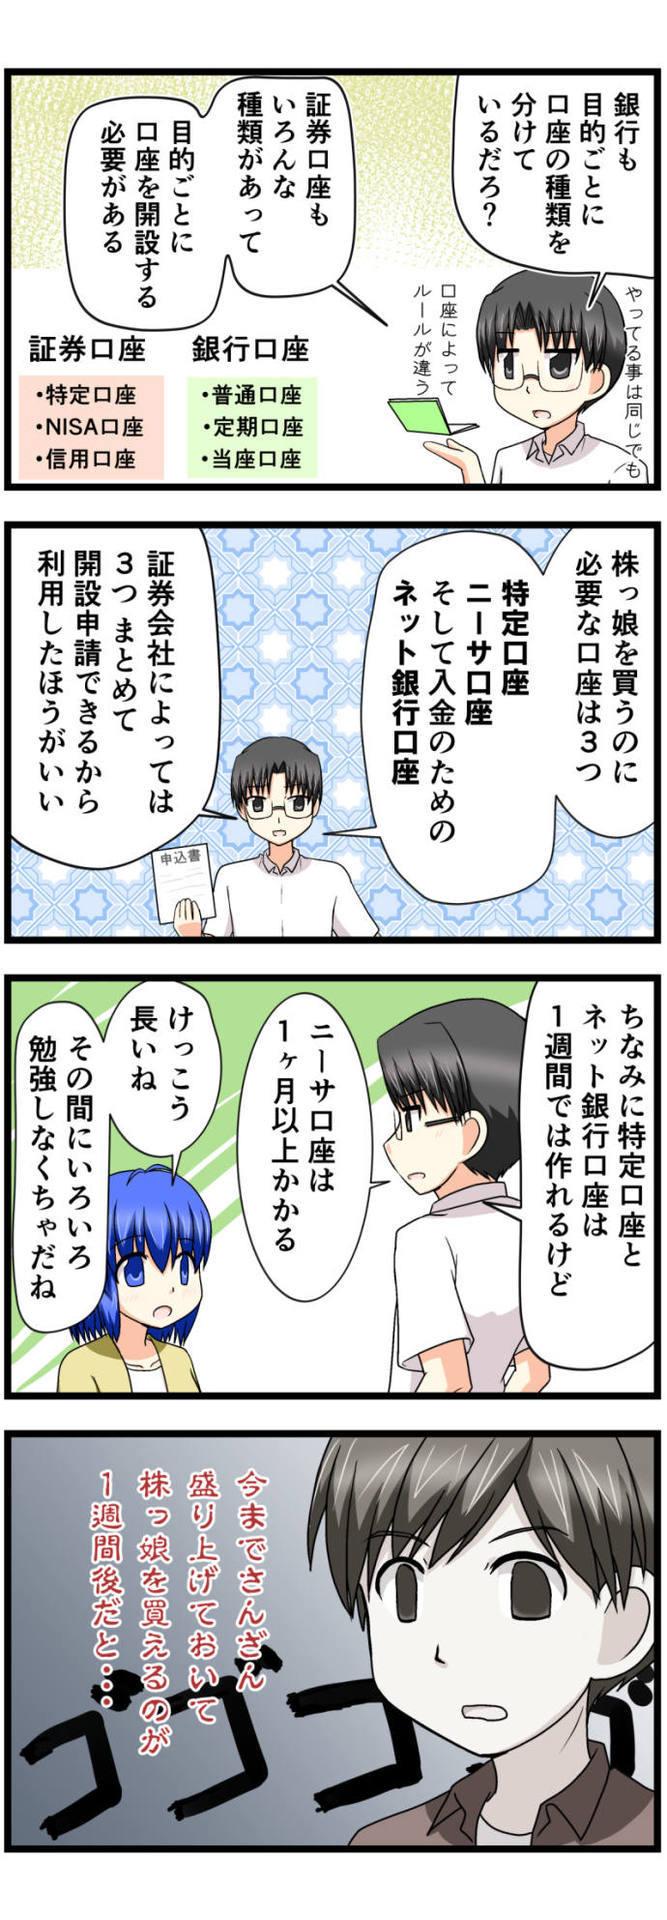 萌える株セミナー22c.jpg